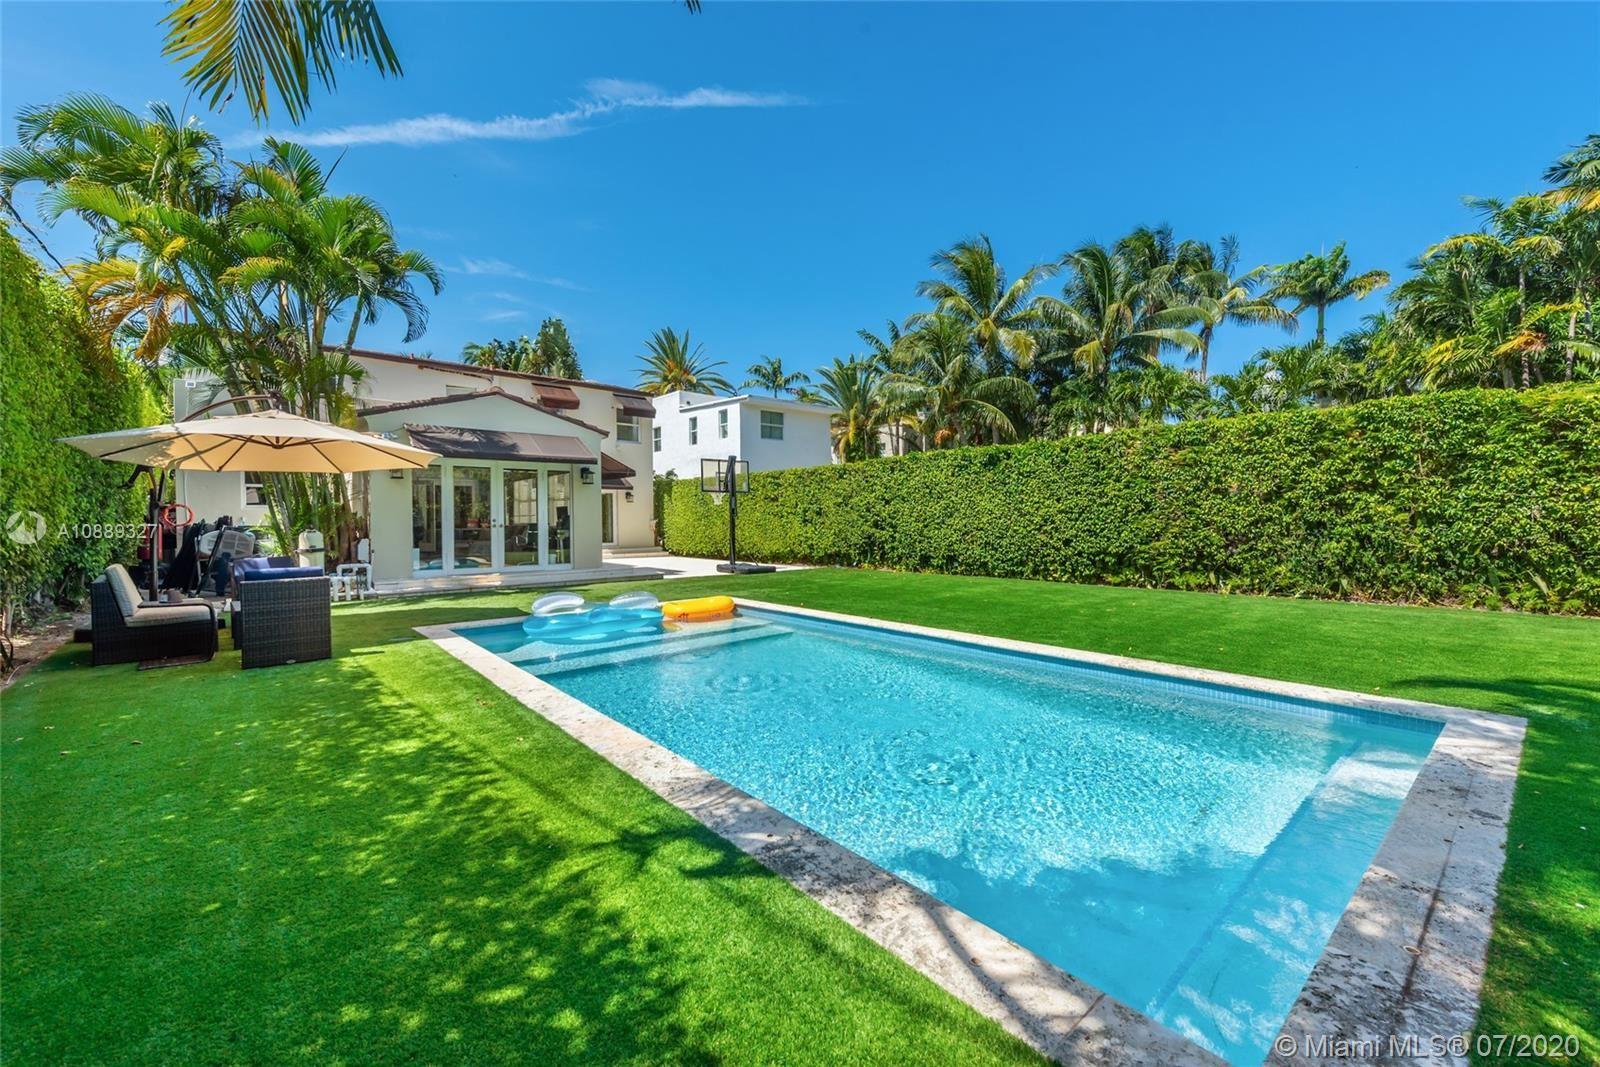 634 W 47th St, Miami Beach, FL 33140 - #: A10889327